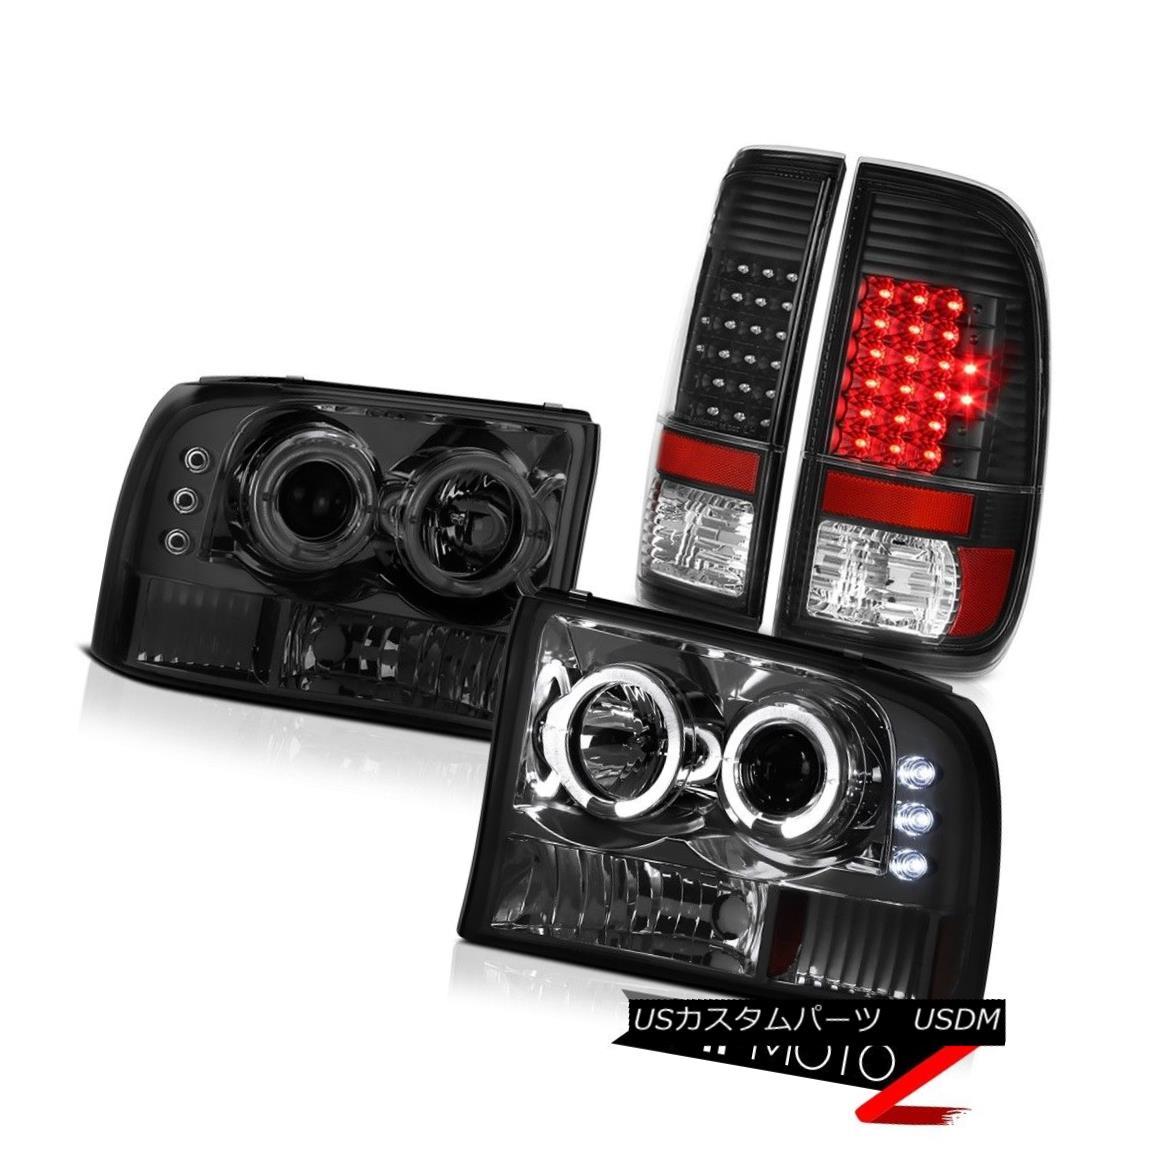 ヘッドライト Smoke Halo Projector Headlights LED Black Taillights 99 00 01 02 03 04 F250 6.0L スモークハロープロジェクターヘッドライトLEDブラックテイルライト99 00 01 02 03 04 F250 6.0L